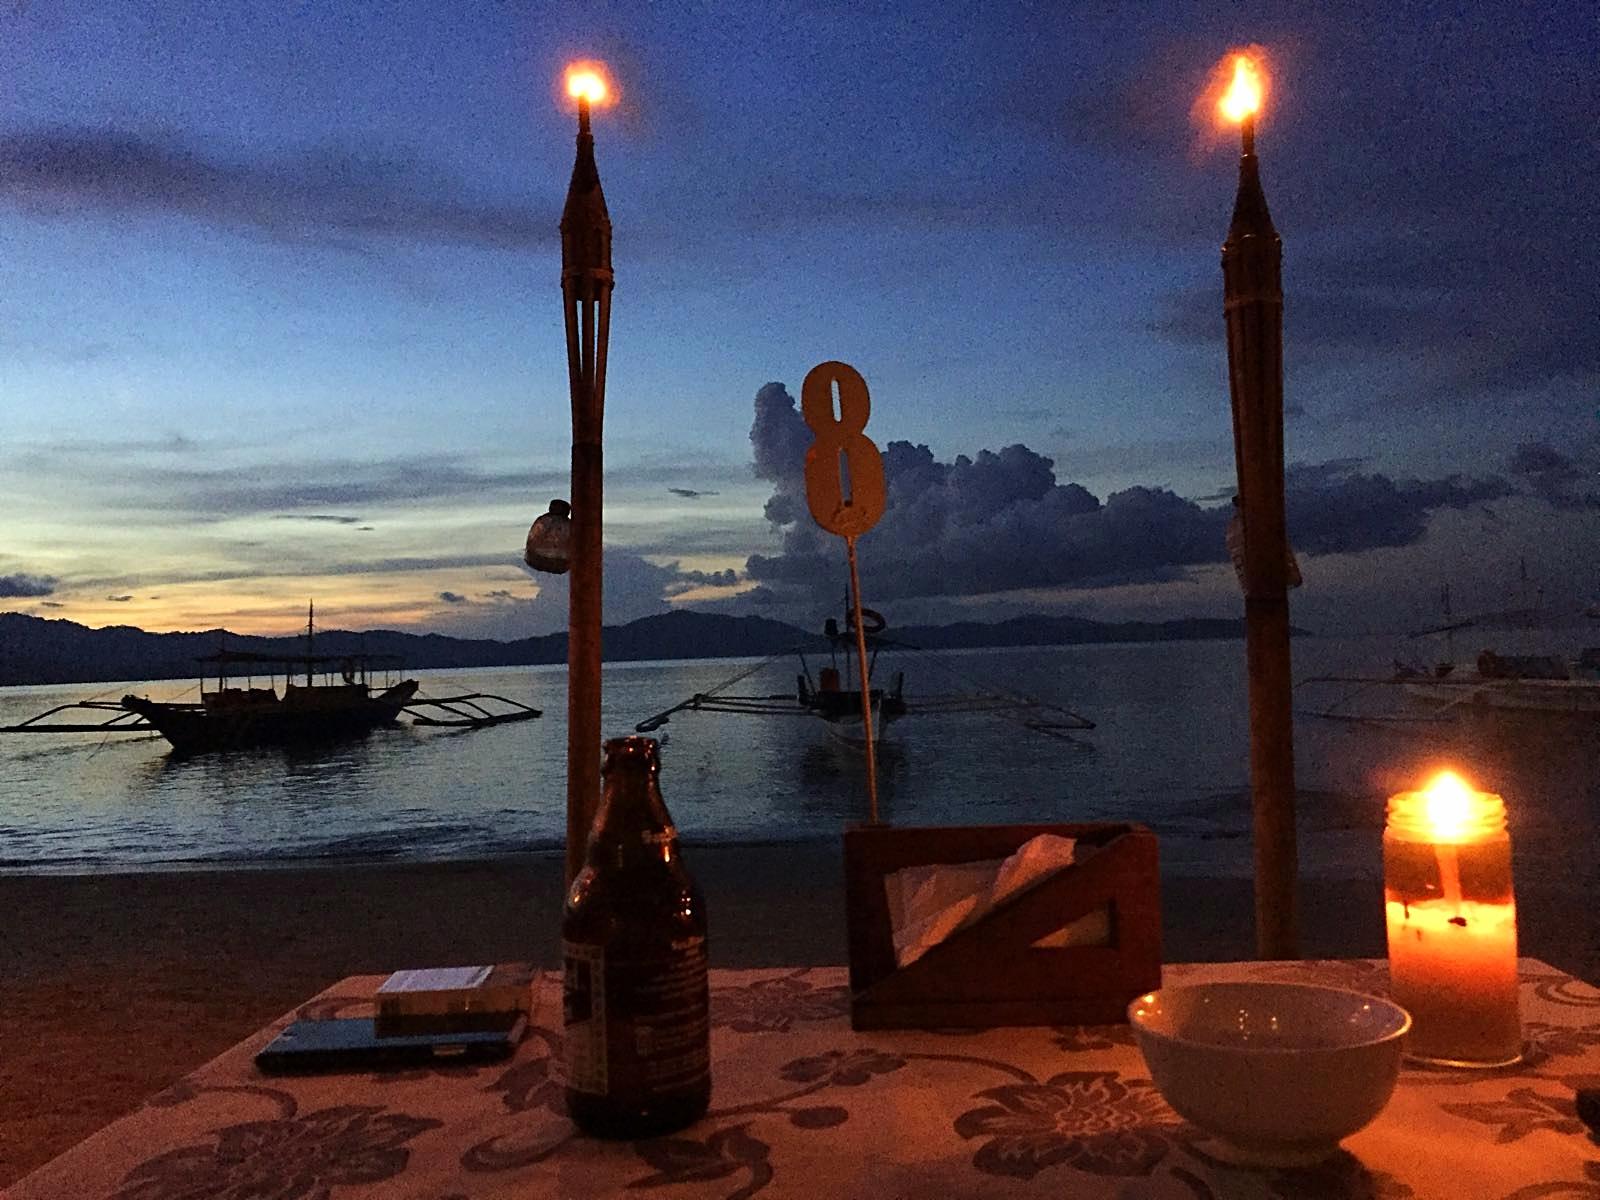 Das Abendessen in den Summer Homes mit schöner Aussicht.